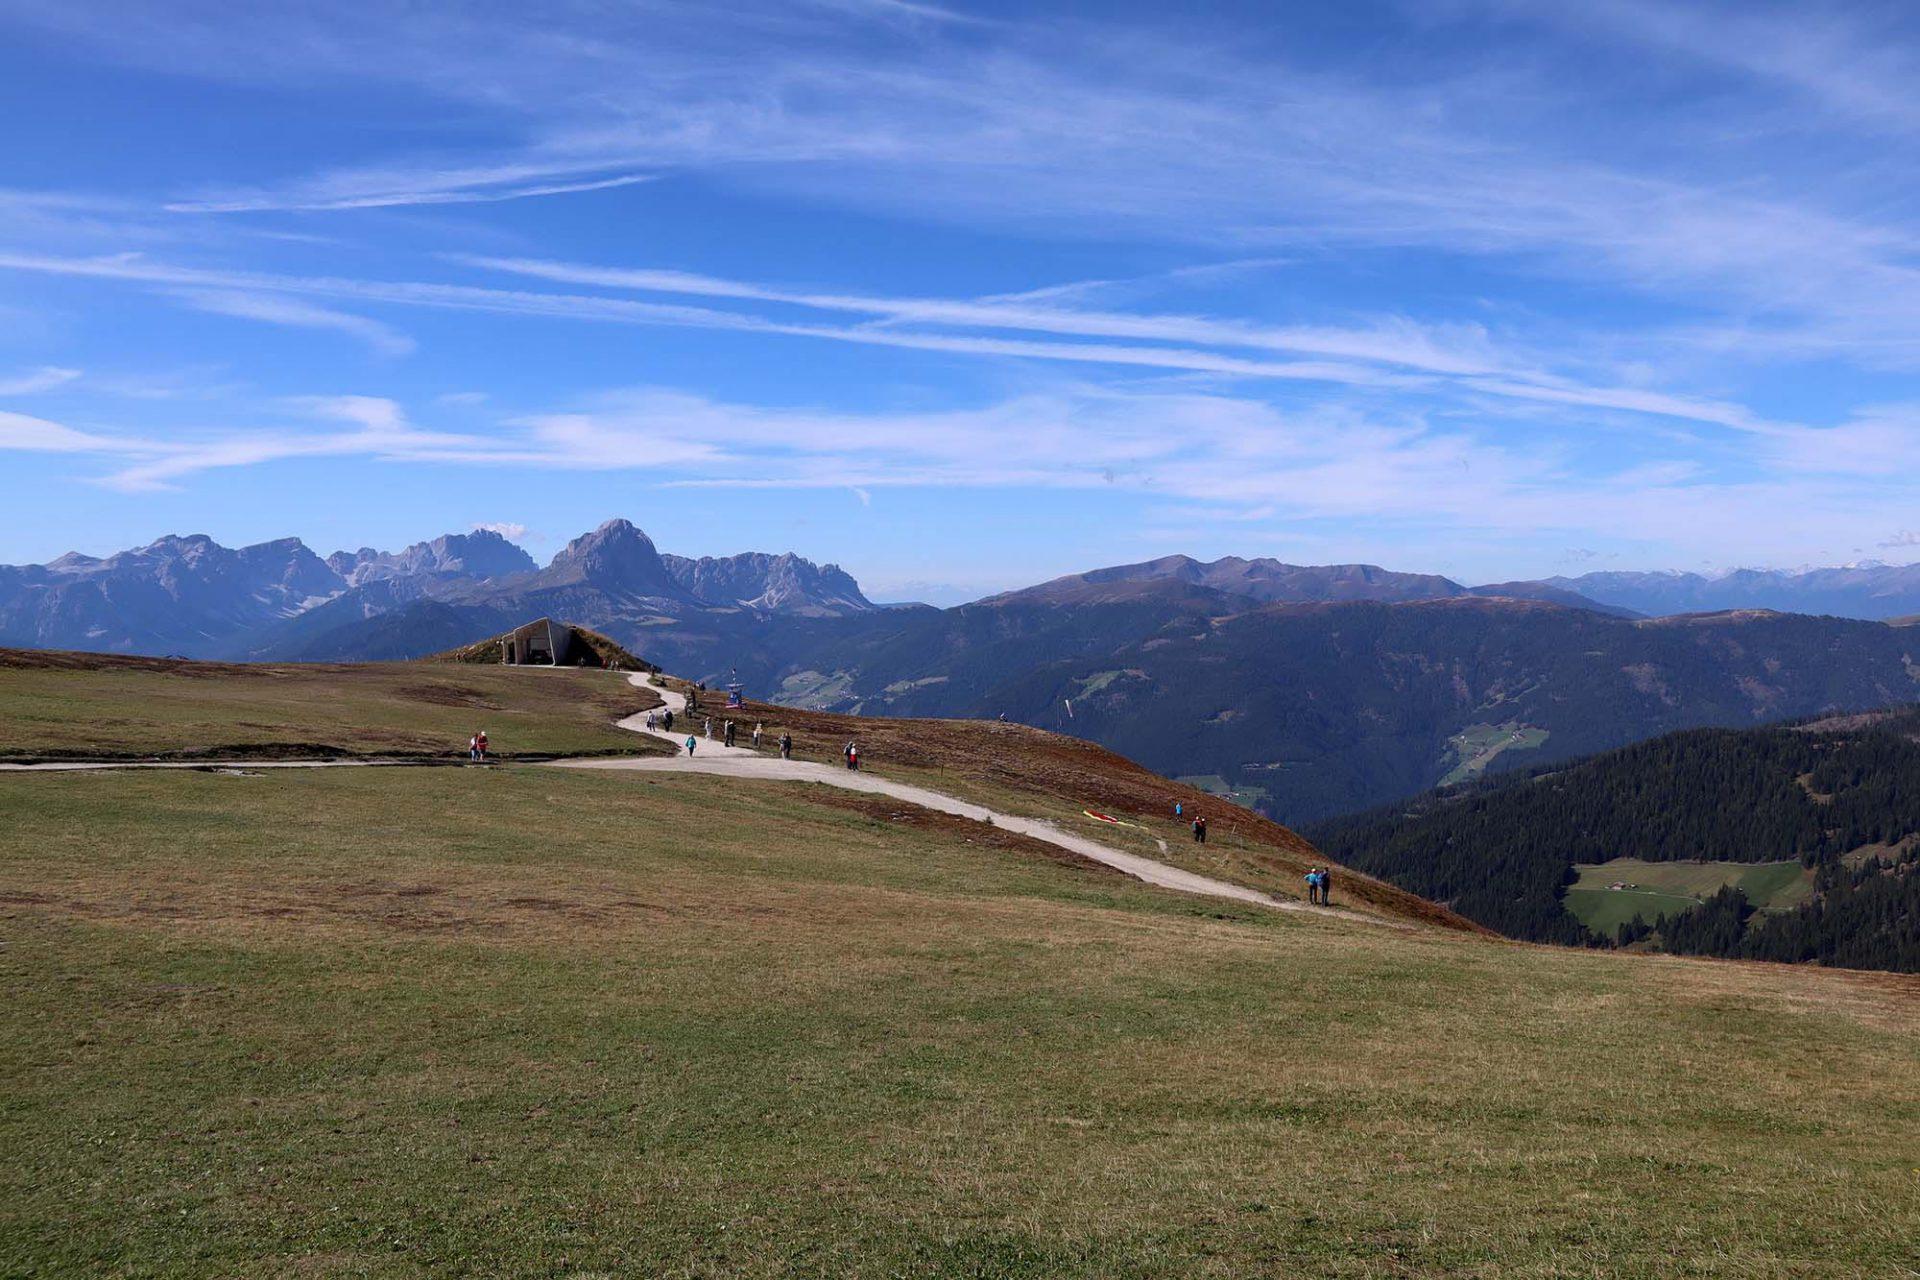 MMM Corones. Dieser unverstellte, weite Blick. Dieses erhabene Rundum-Panorama. Dieses Getümmel. Von den Dolomiten über das Pustertal bis hin zu den Zillertaler Alpen kann man hier schauen. Zugleich liegt der Berg am Schnittpunkt der drei Kulturen Südtirols, der deutschen, ladinischen und der italienischen.